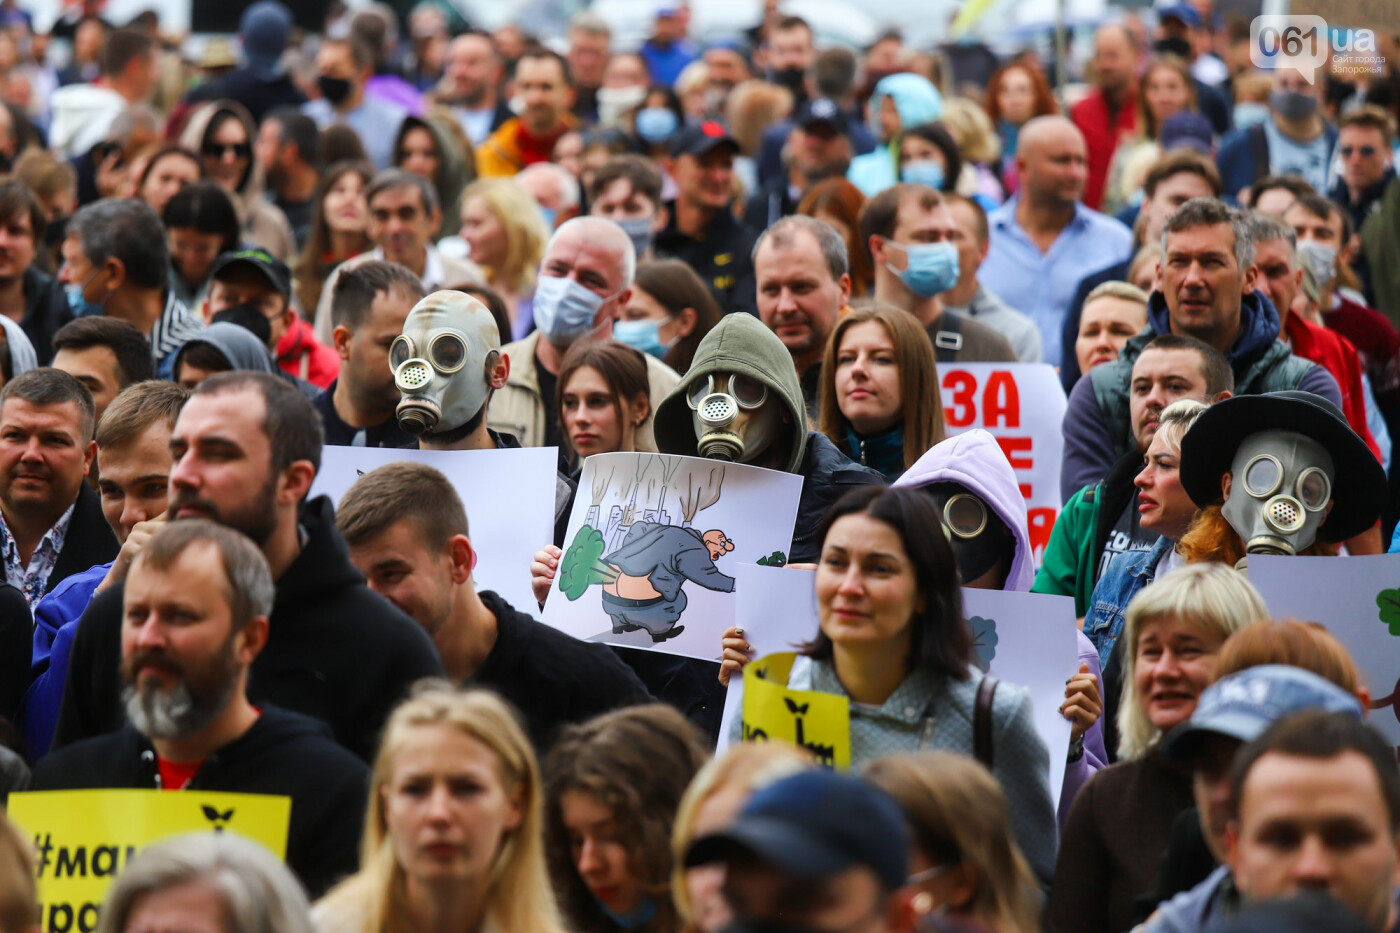 Маю право дихати: тысячи запорожцев вышли на экологический митинг, ФОТО, ВИДЕО, фото-42